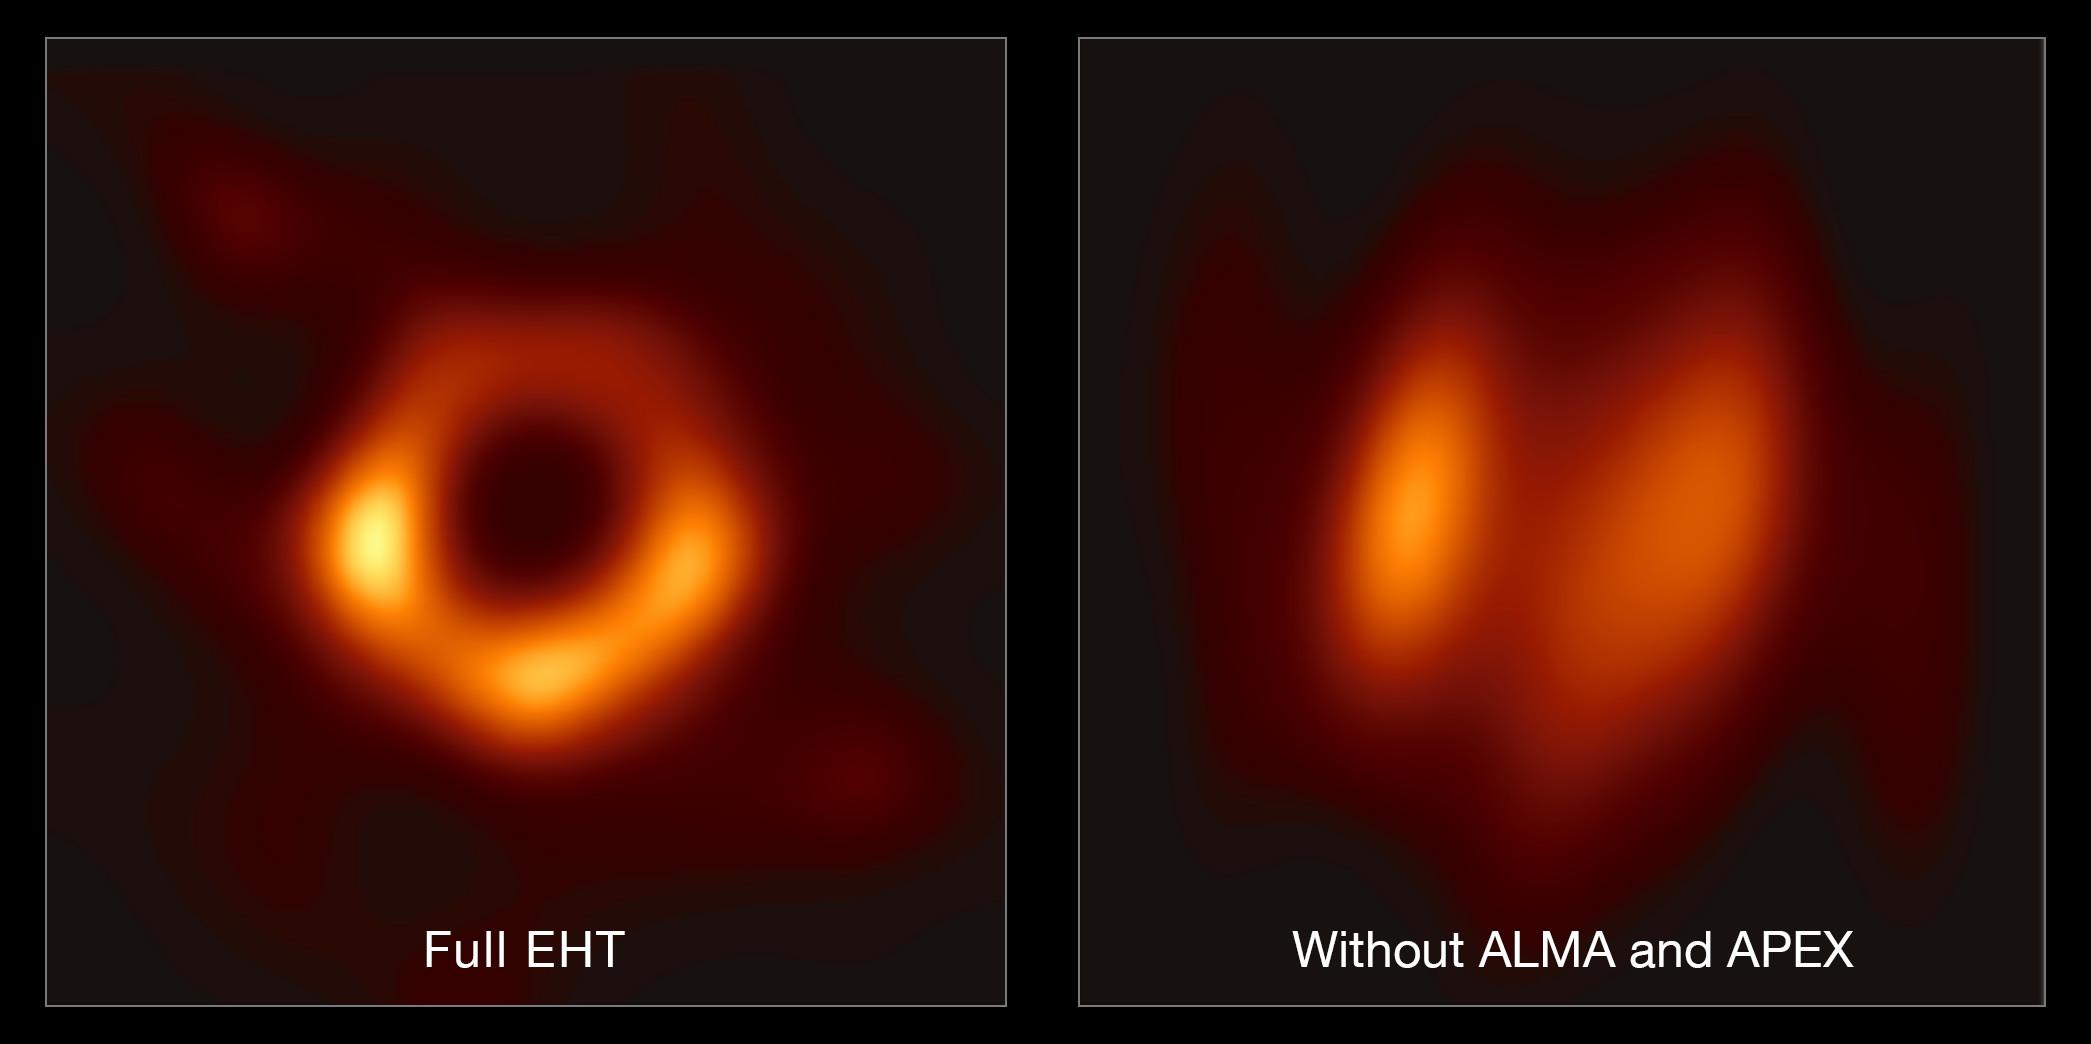 Esta imagen muestra el aporte de ALMA y APEX al EHT. La imagen de la izquierda muestra una reconstrucción de la imagen del agujero negro usando todo el conjunto del Telescopio de Horizonte de Sucesos (incluyendo a ALMA y APEX); la imagen de la derecha muestra como luciría la reconstrucción sin los datos de ALMA y APEX. La diferencia muestra claramente el aporte crucial que ALMA y APEX tuvieron en las observaciones. Crédito: EHT Collaboration